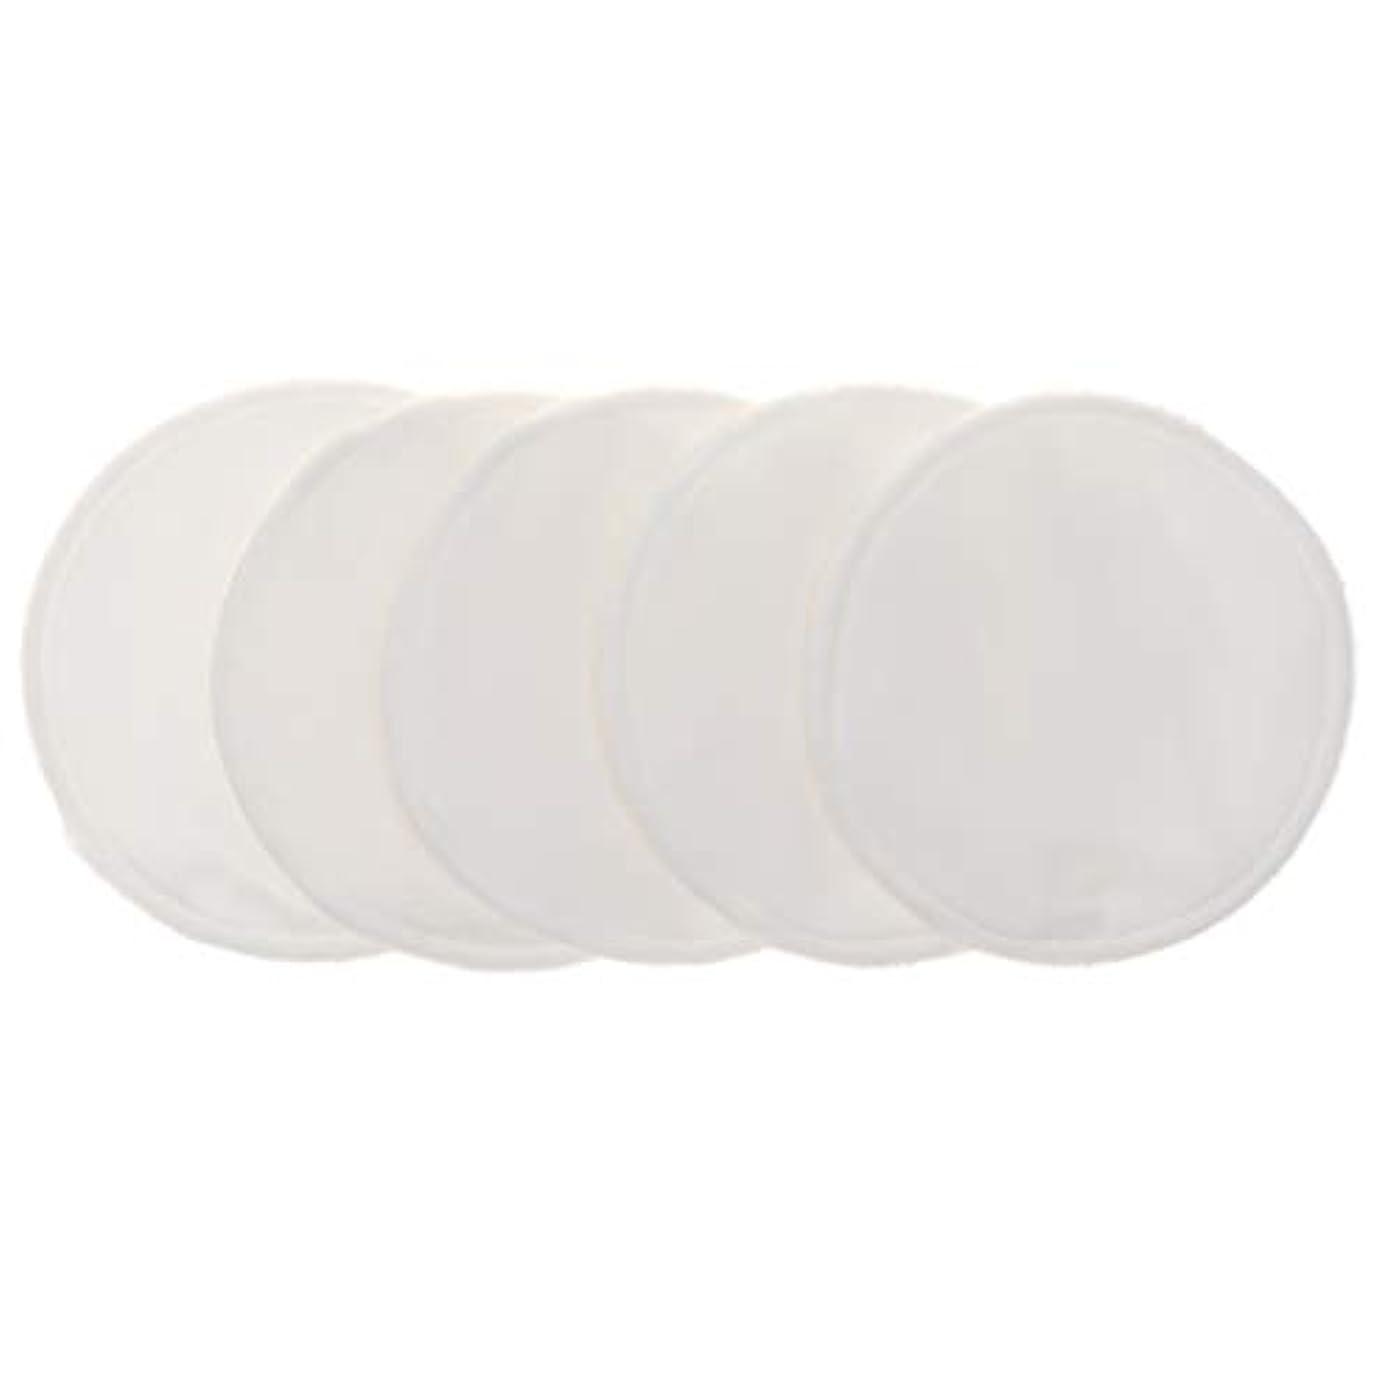 タンザニア溶接悪の12cm 胸パッド クレンジングシート 化粧水パッド 竹繊維 円形 洗える 再使用可能 5個 全5色 - 白